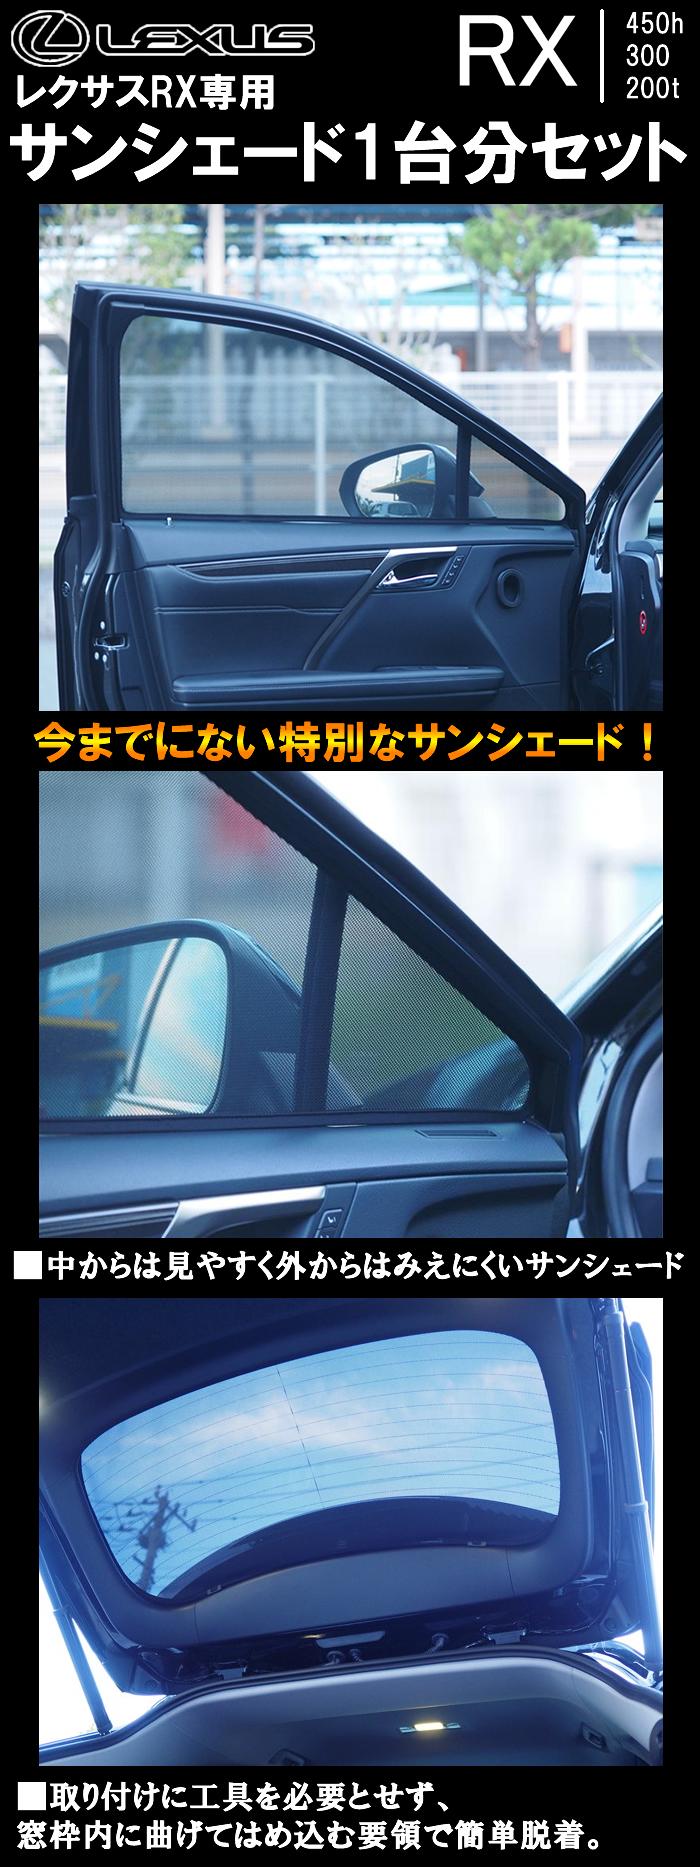 レクサス RX専用 サンシェード(メッシュタイプ)